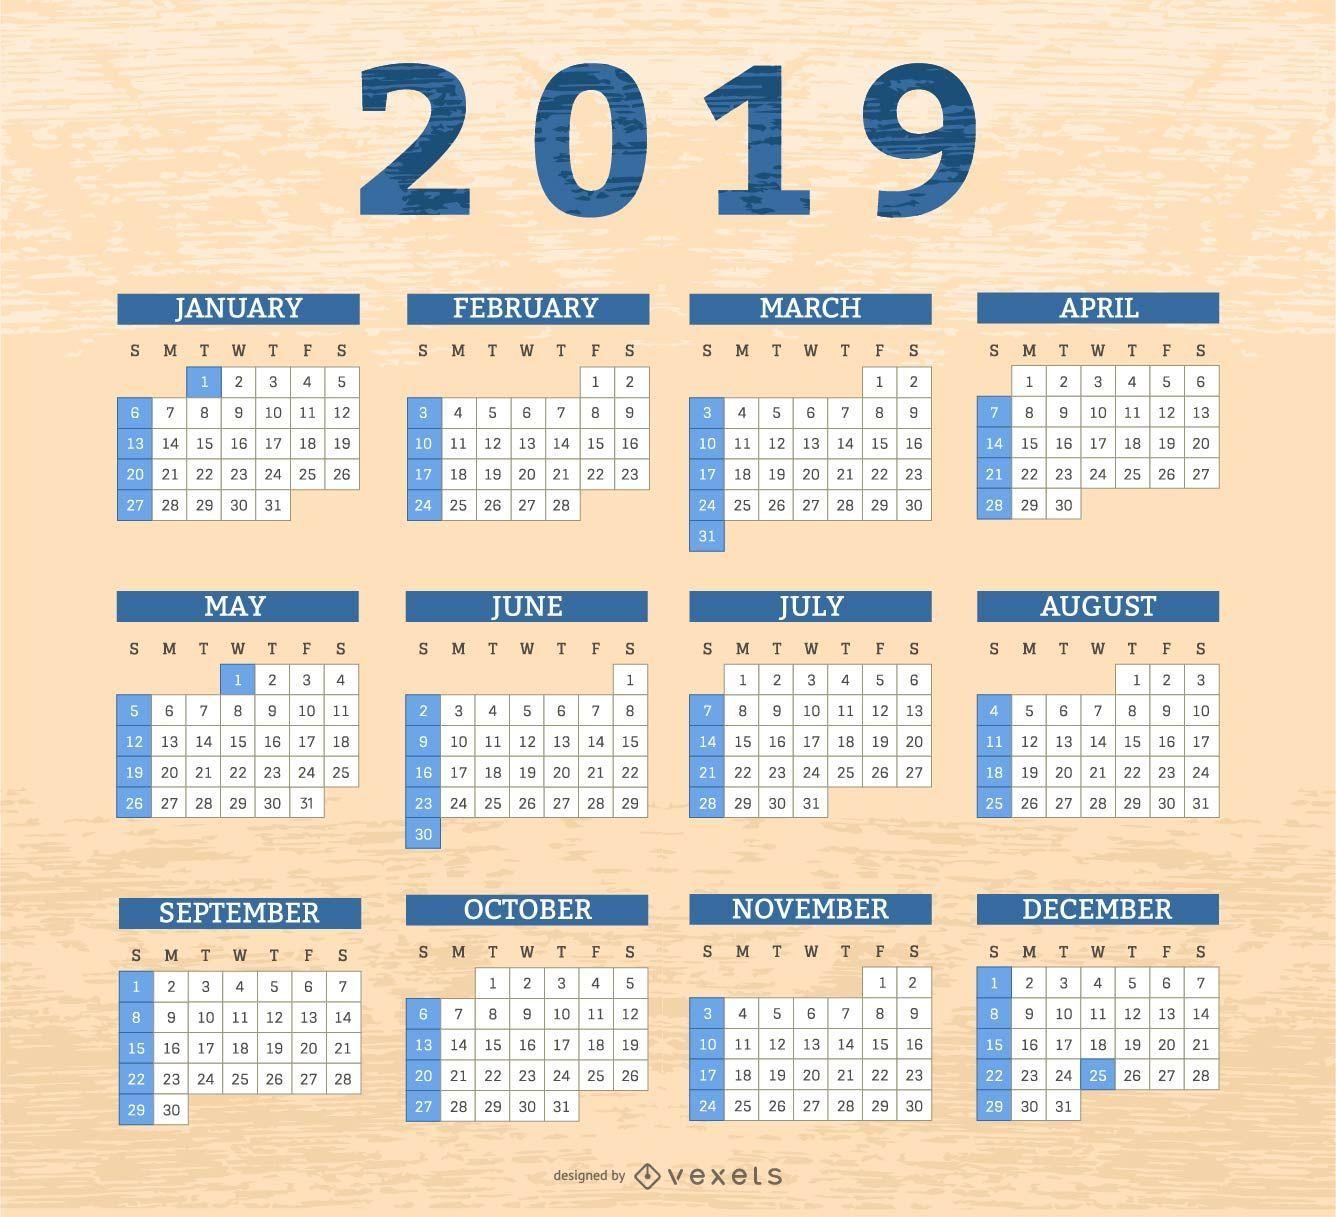 Border boxes 2019 calendar design